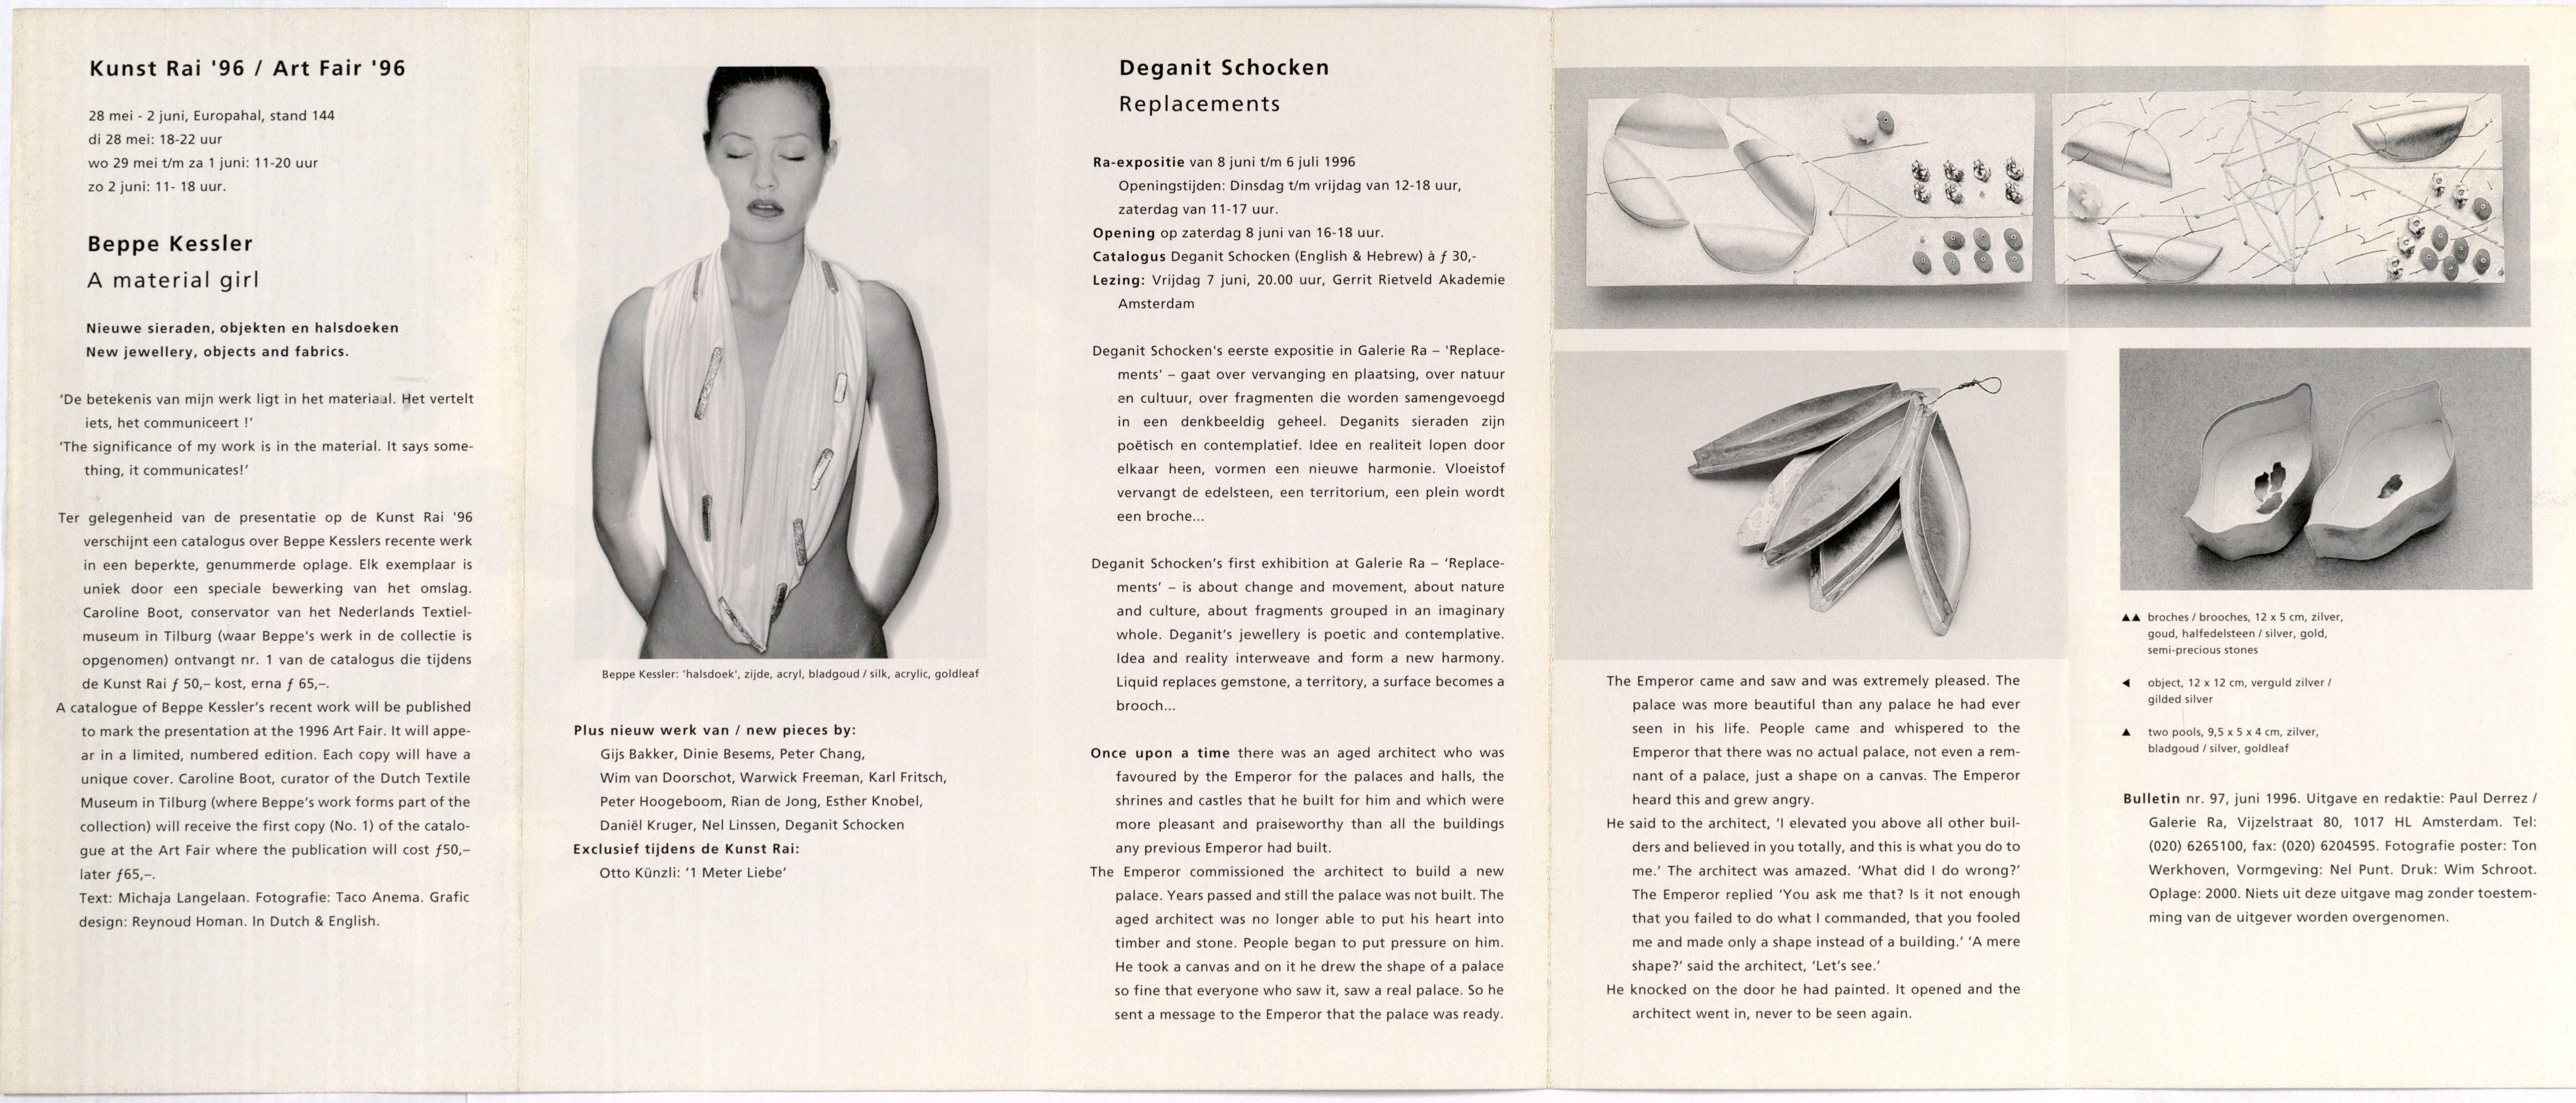 Ra Bulletin 97, juni 1996, achterzijde met tekst en foto's, Beppe Kessler, sjaal, zijde, acryl, bladgoud, Deganit Stern Schocken, zilver, goud, stenen